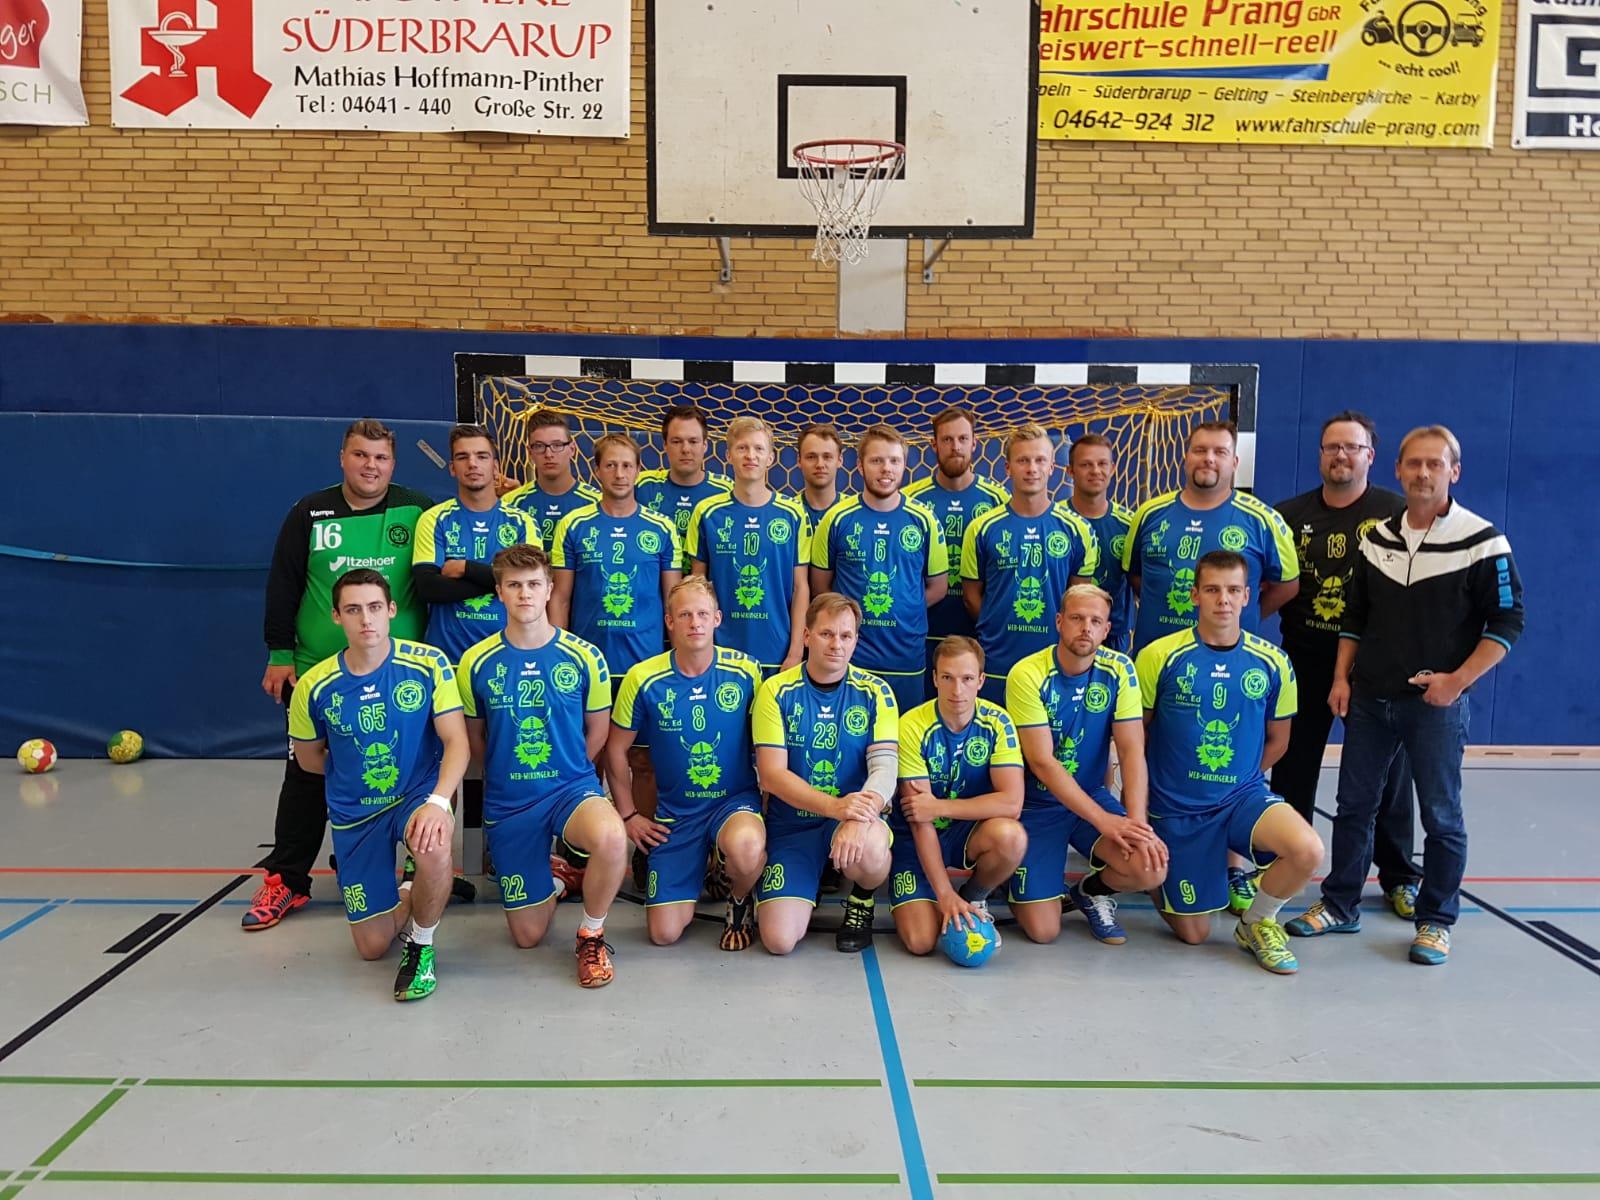 erste Herren Handball Süderbrarup